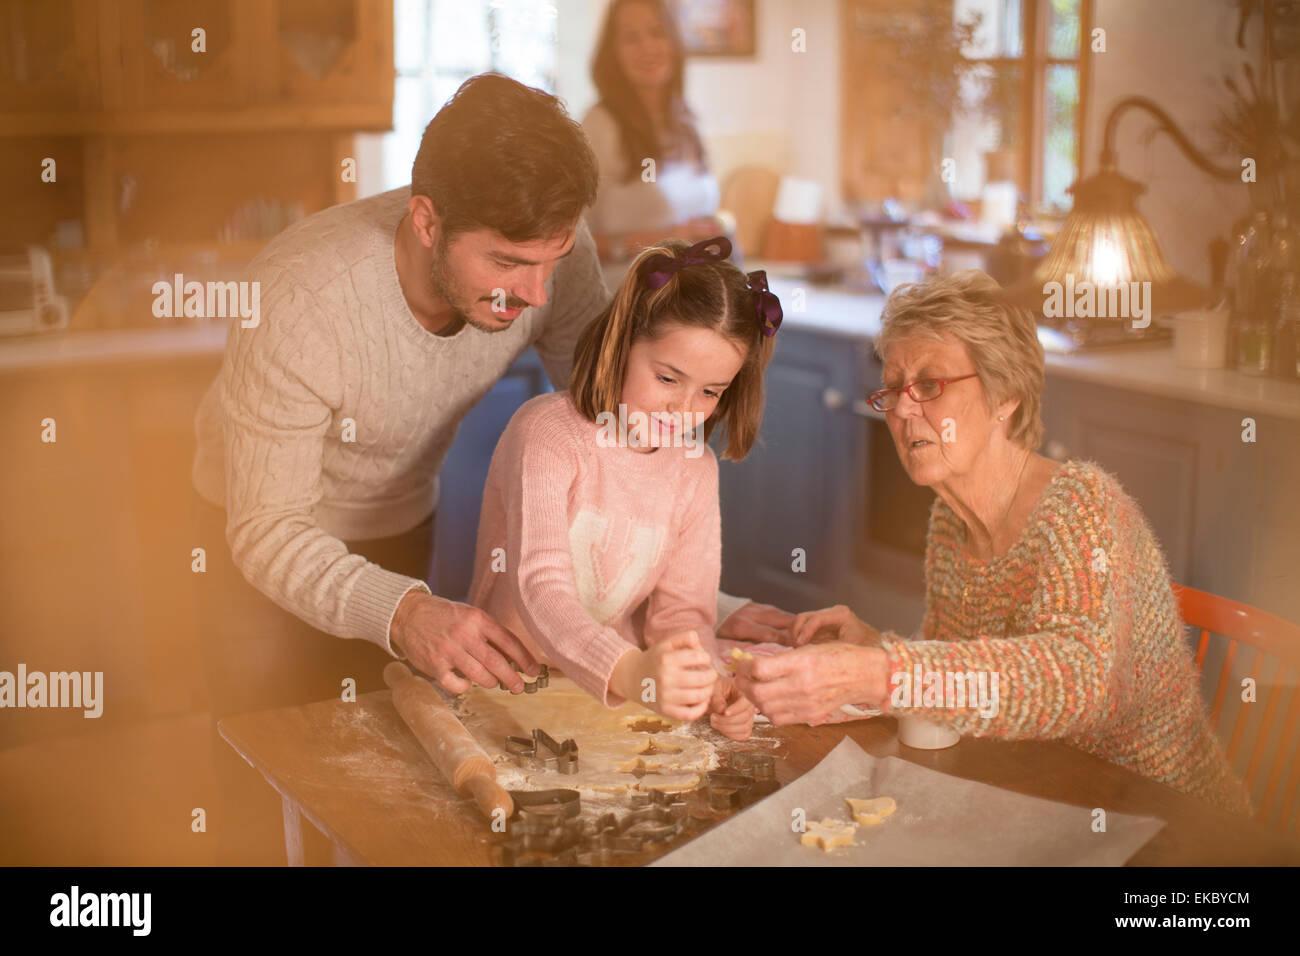 Tres generaciones de la familia formas de corte en la masa para hacer galletas caseras Imagen De Stock